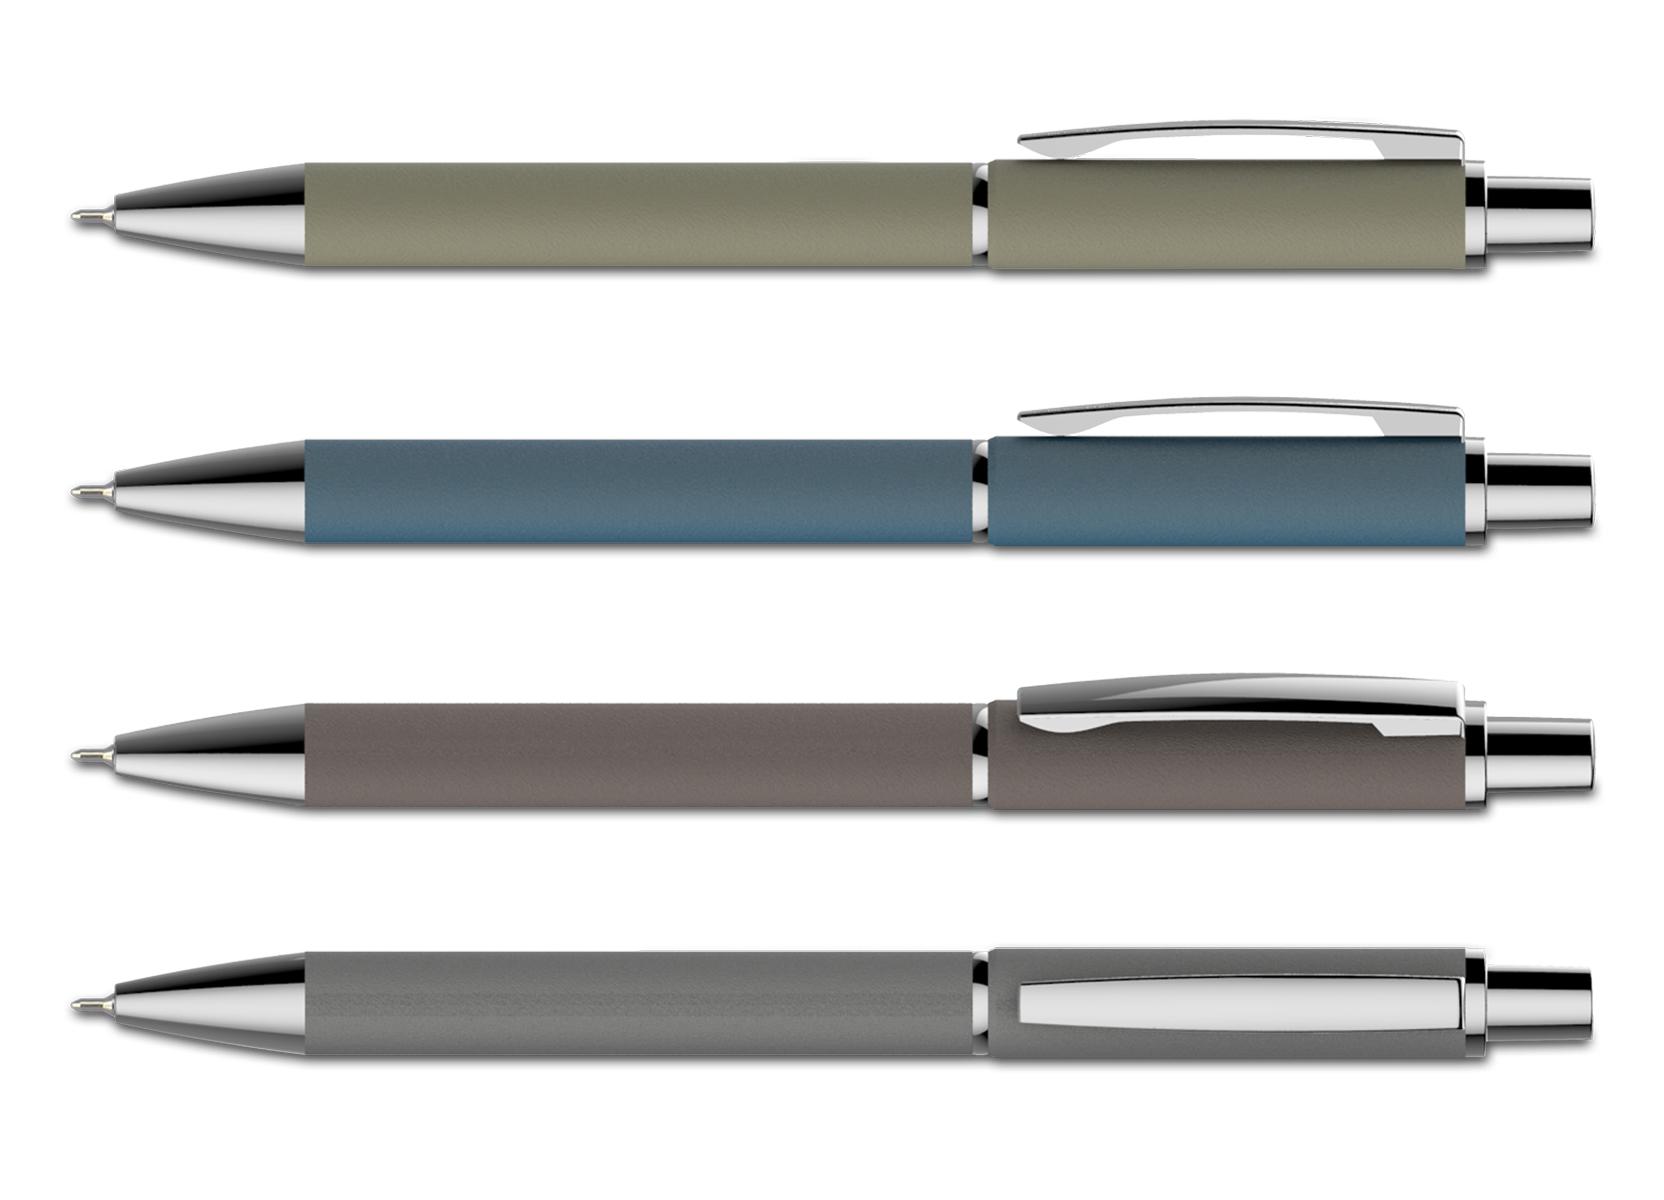 עט מתכת חוד ג'ל